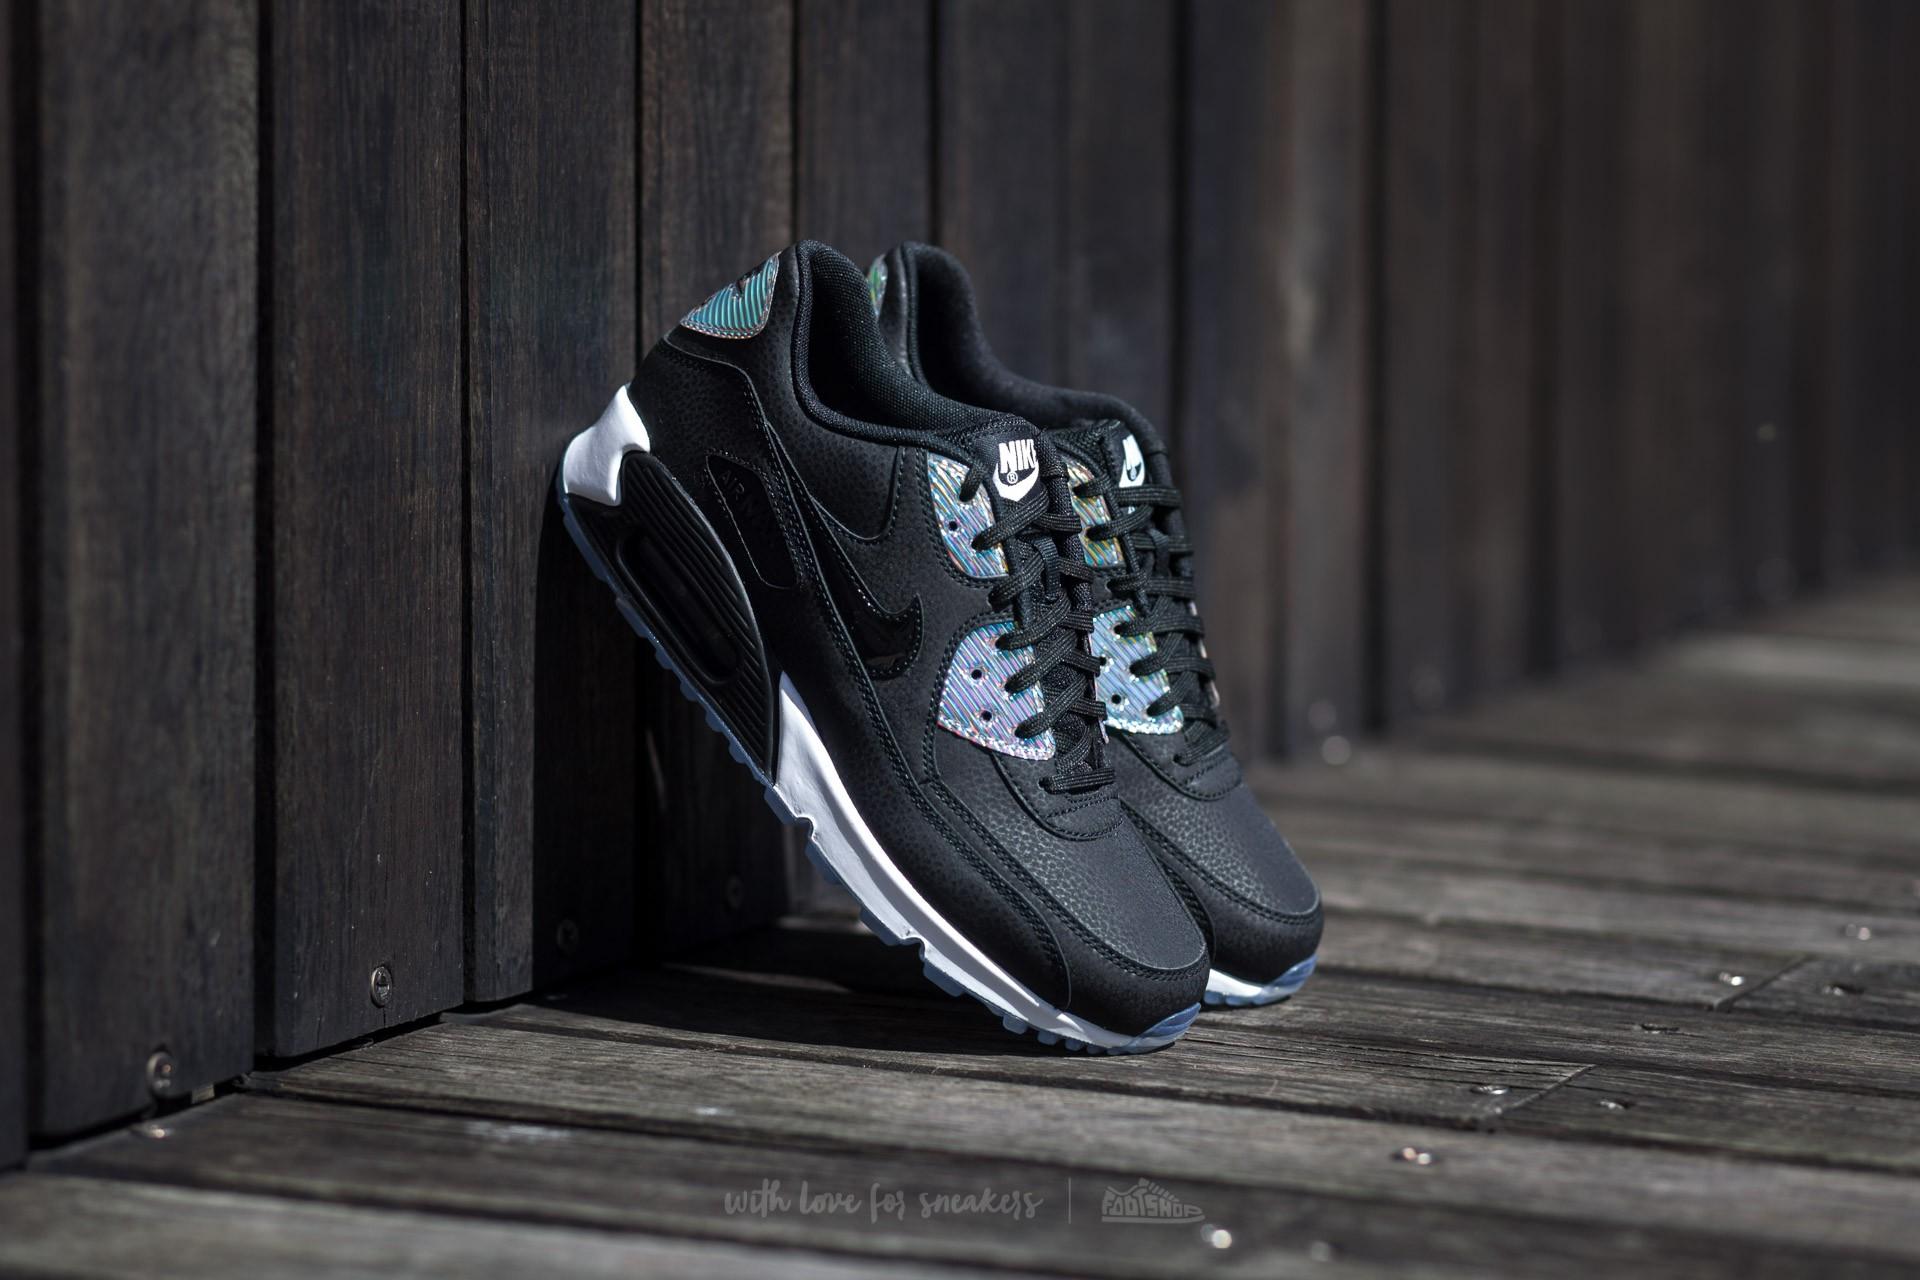 e54547323fac Nike Wmns Air Max 90 Mesh Premium Black  Black-Pure Platinum